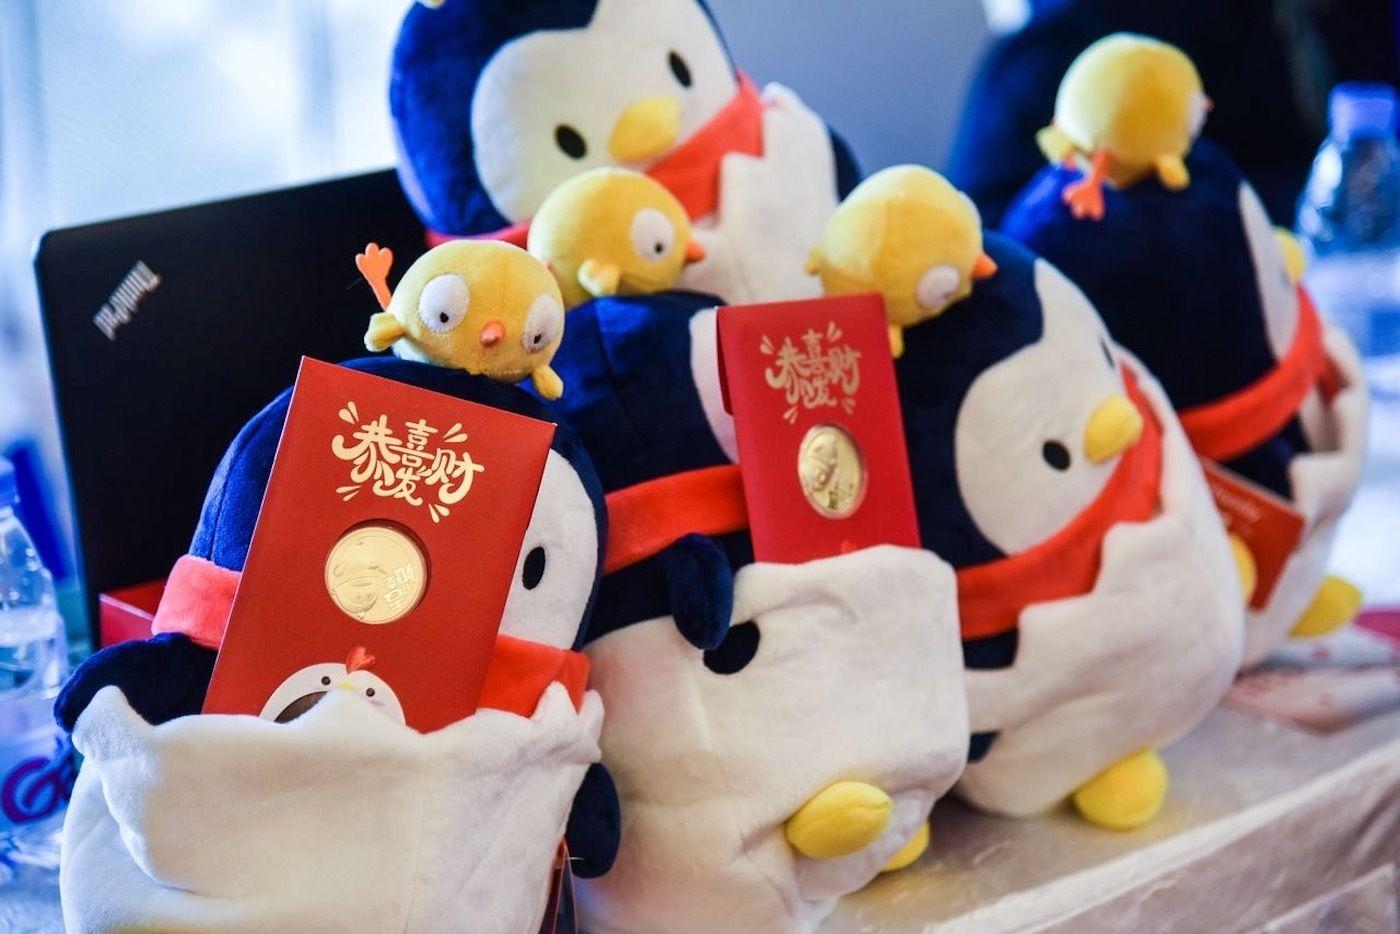 张小龙说今年春节微信不玩红包营销,不过腾讯派出了QQ迎战